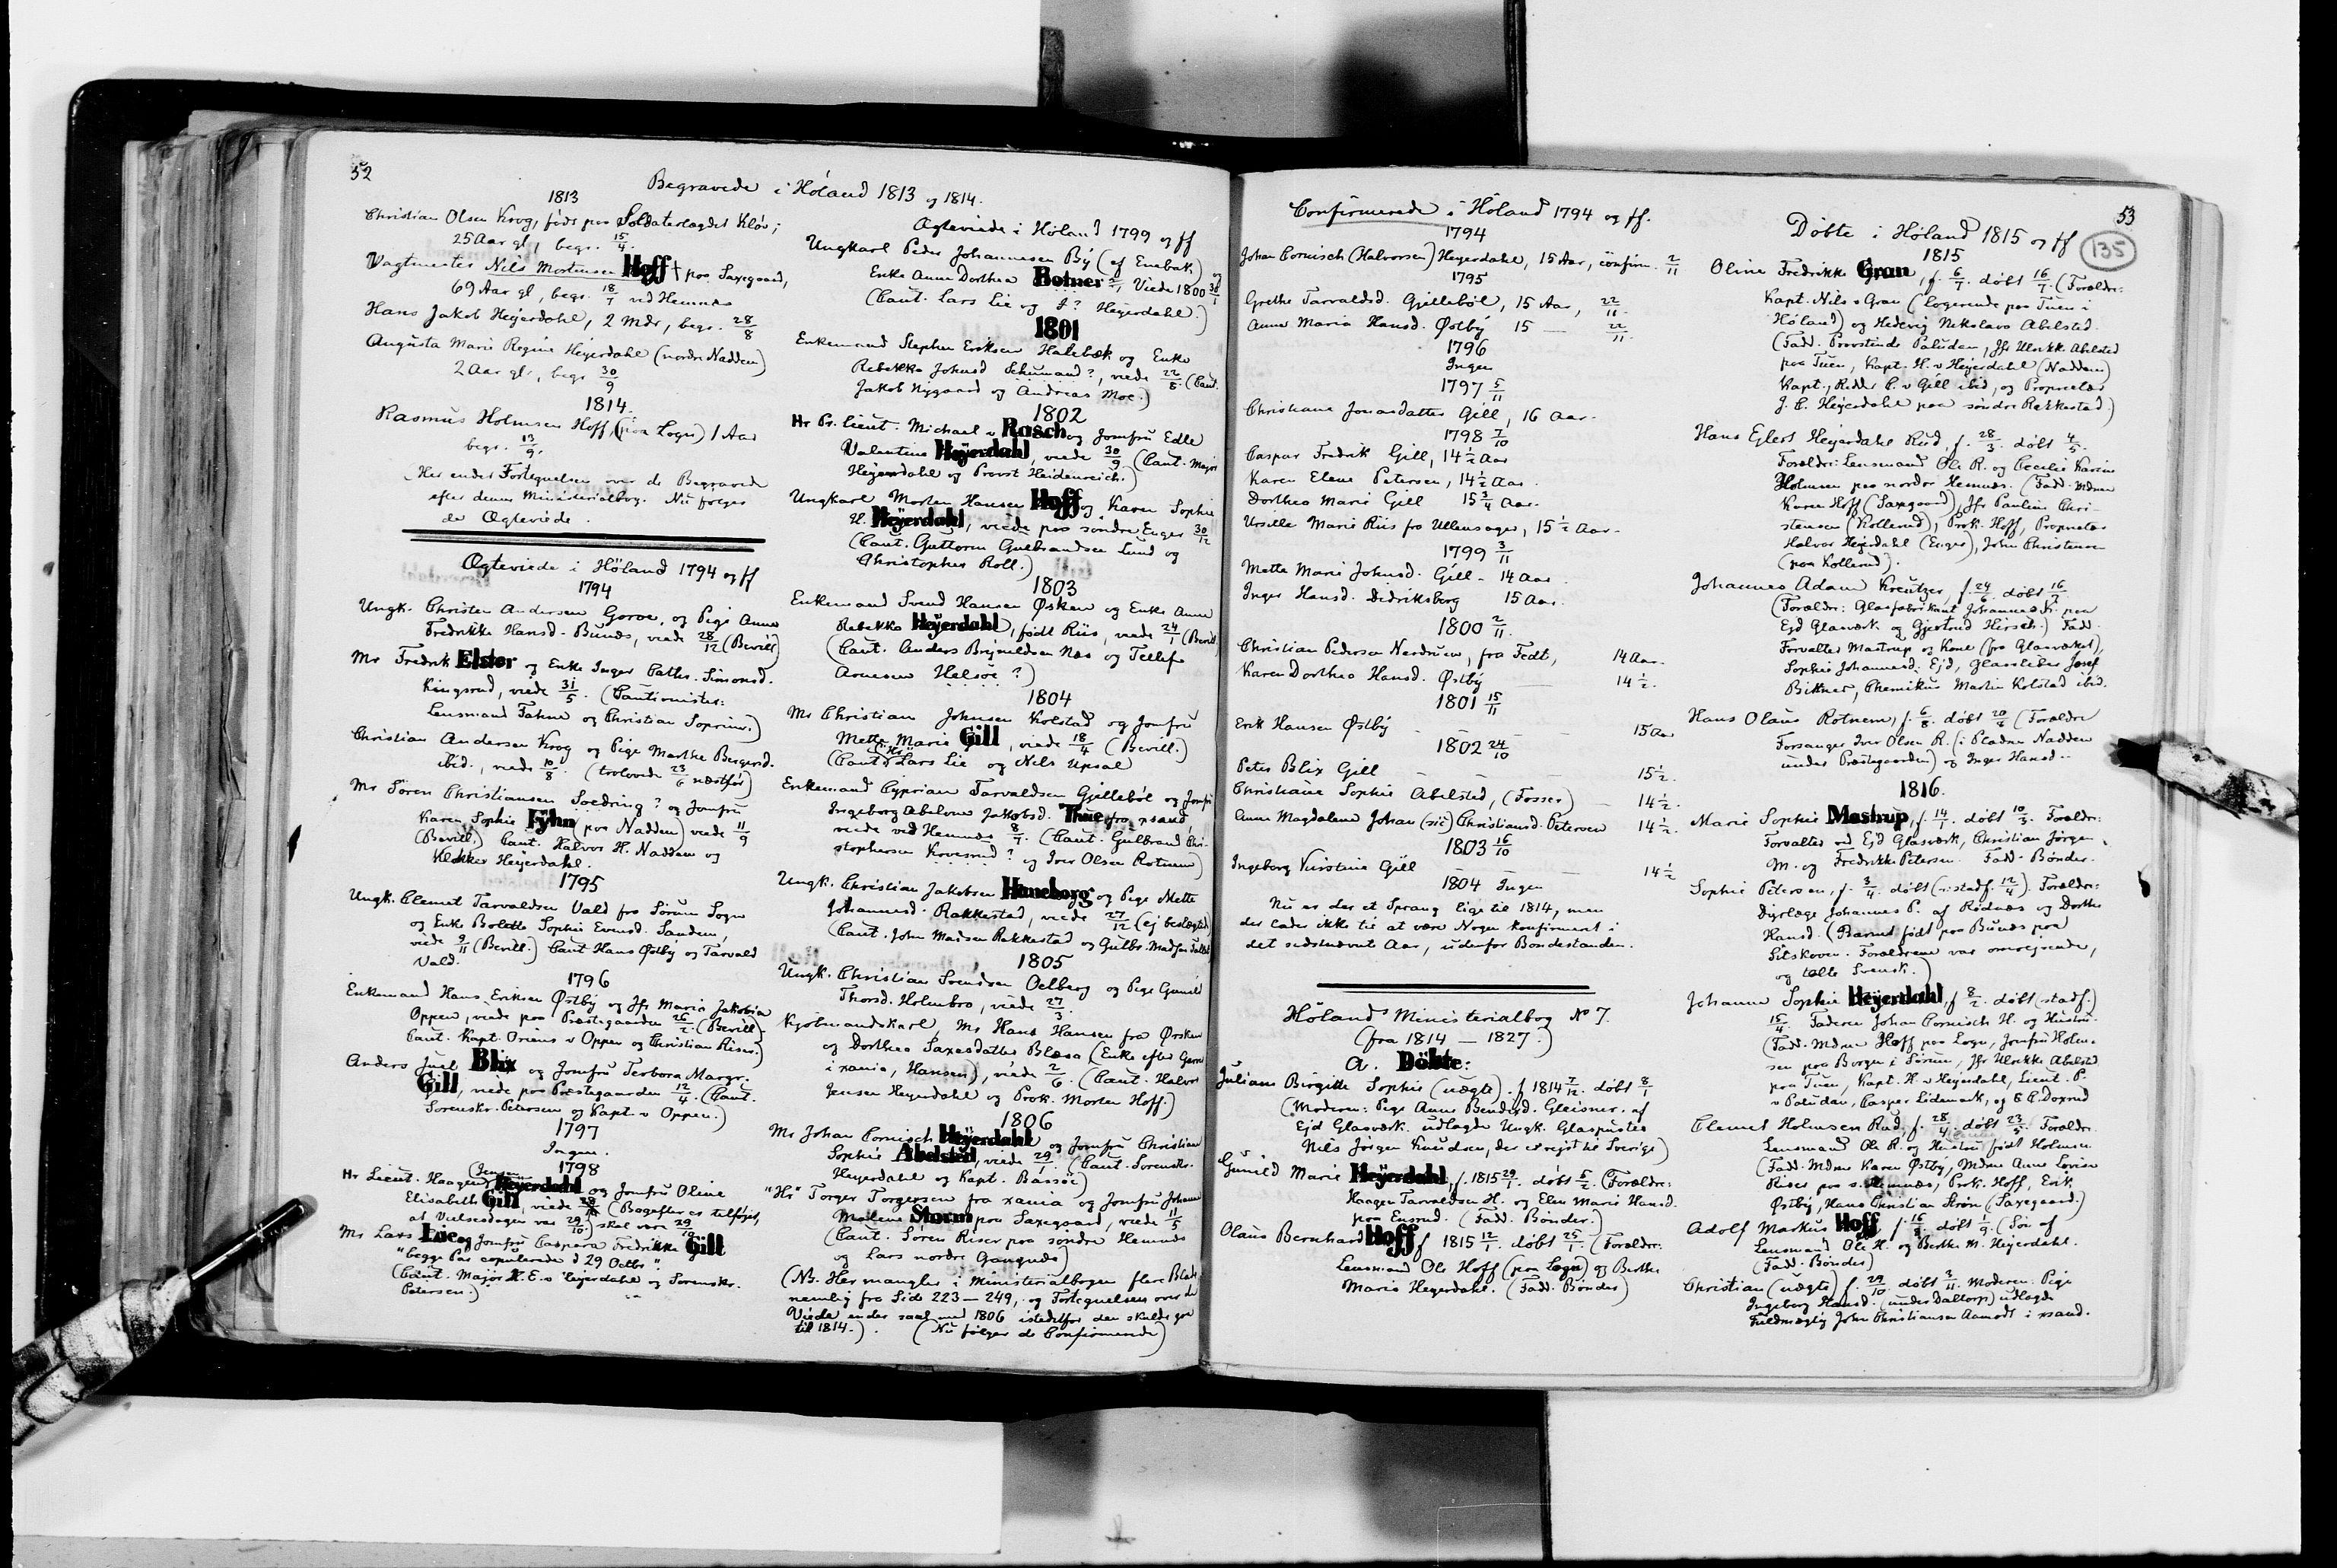 RA, Lassens samlinger, F/Fc, s. 135